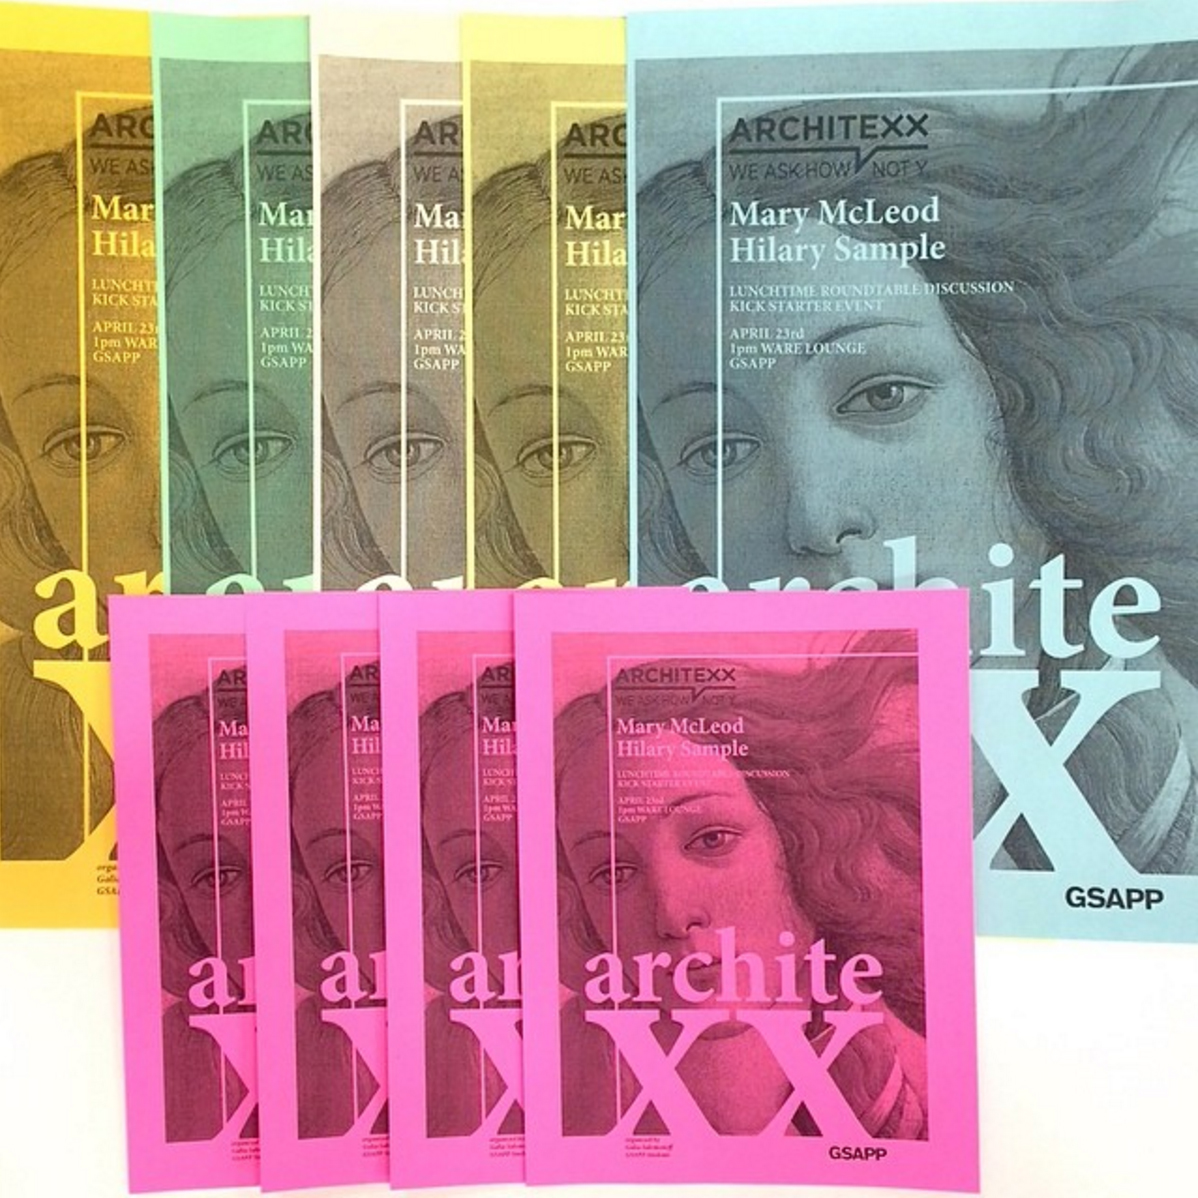 ArchiteXX02.jpg